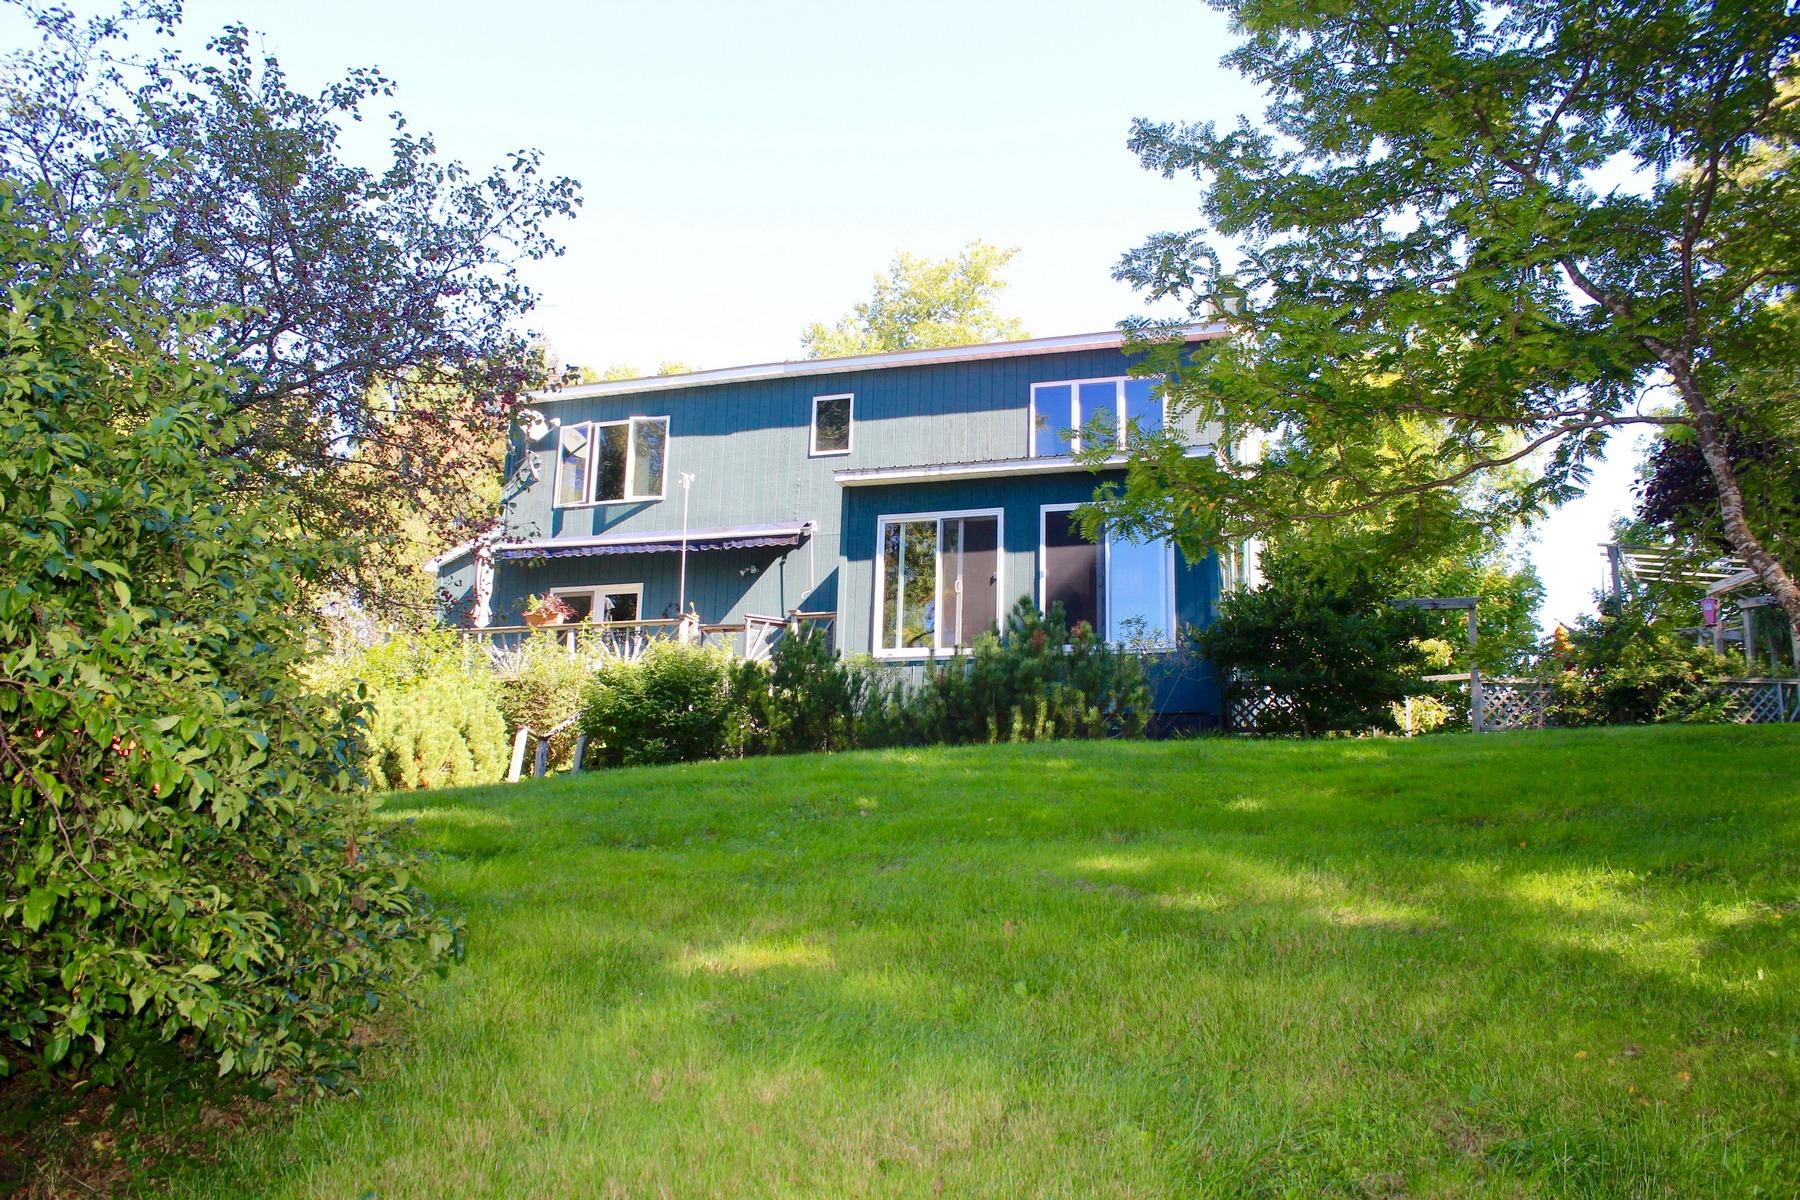 一戸建て のために 売買 アット 3400 Healdville Road, Mount Holly 3400 Healdville Rd Mount Holly, バーモント, 05730 アメリカ合衆国